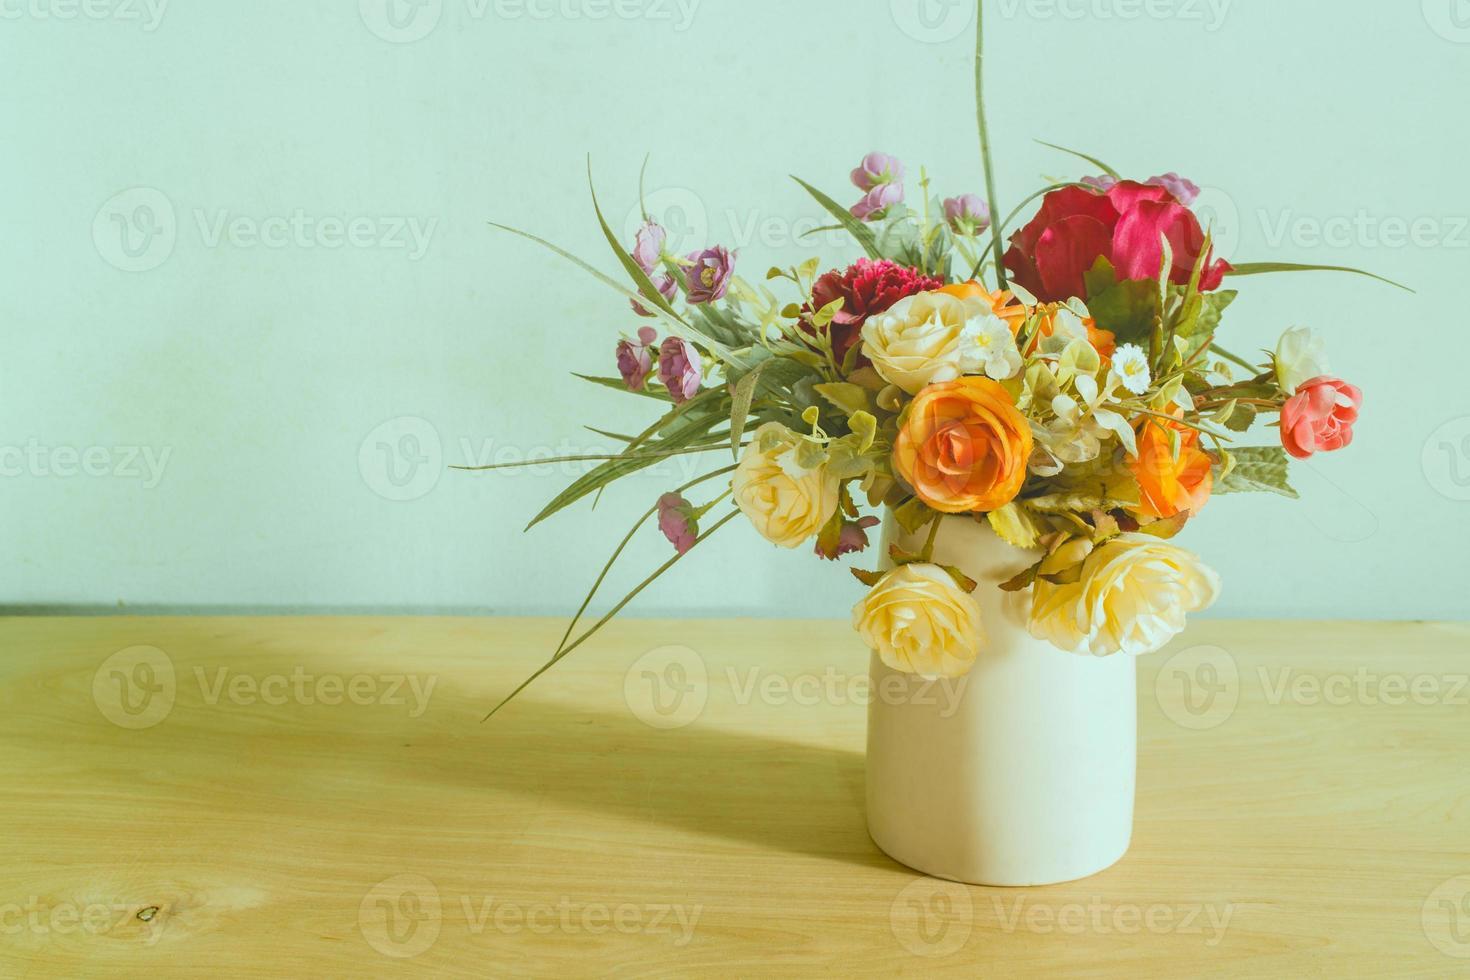 flores en florero foto